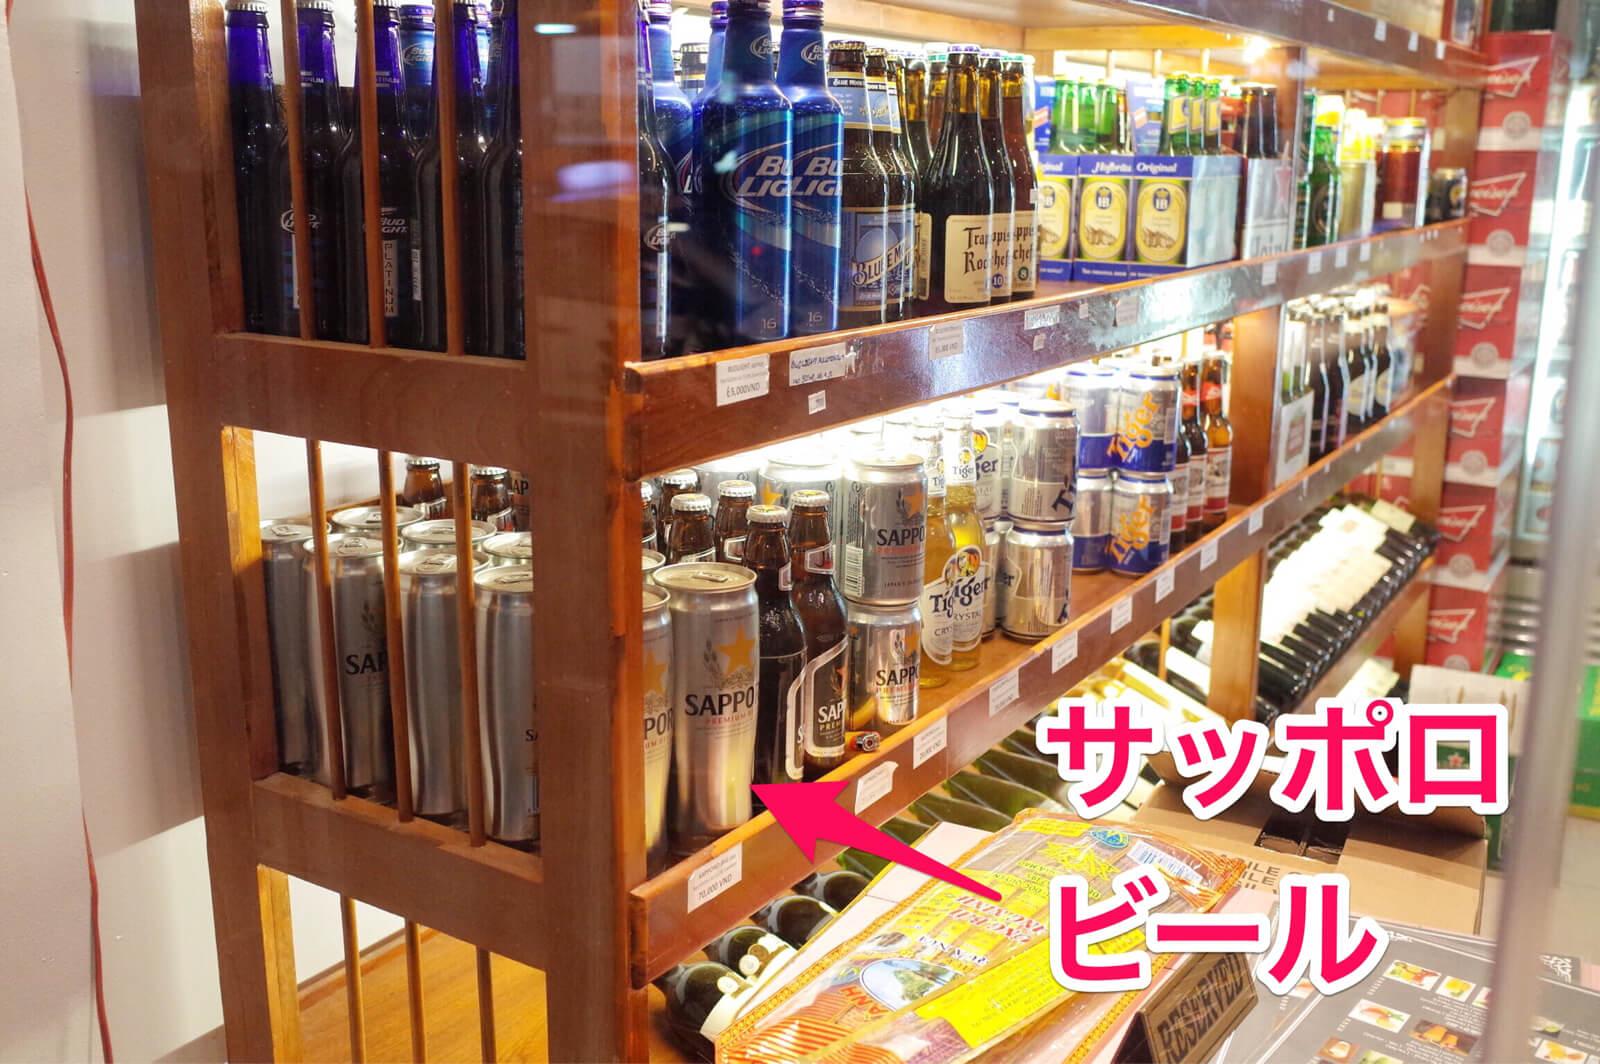 アジアンルビーセントラルホテル ホーチミン ビール